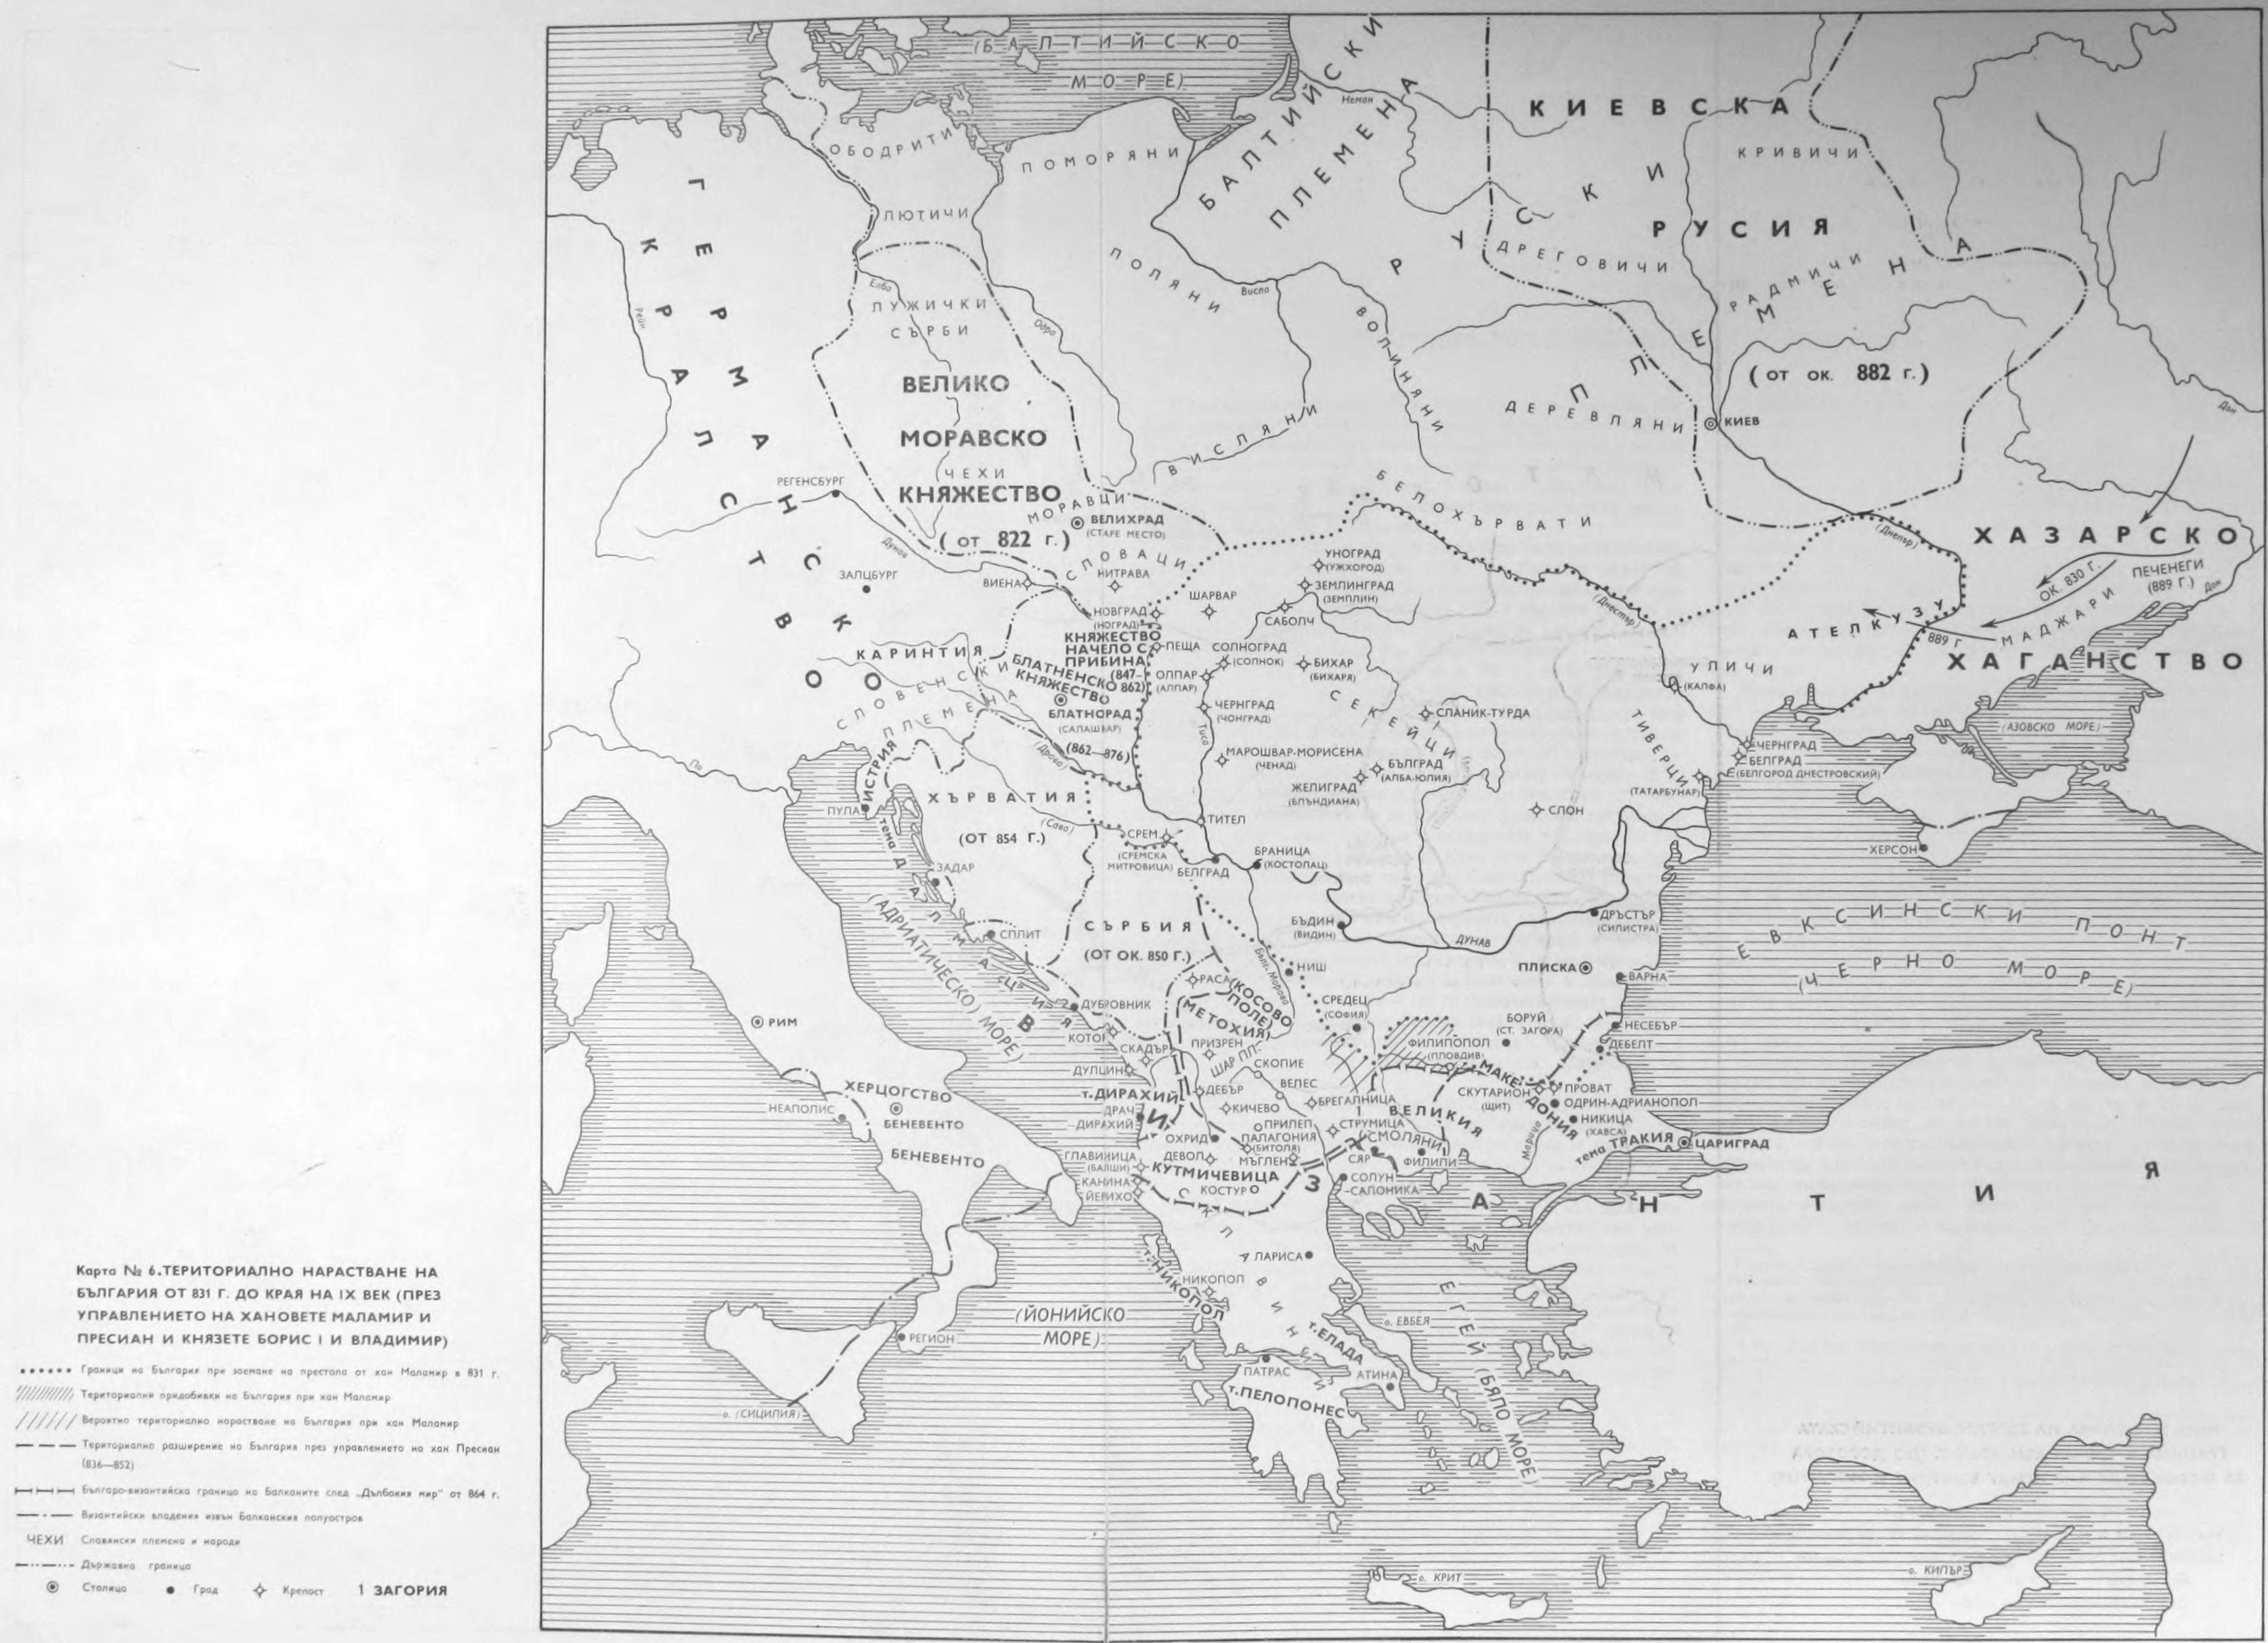 P Koledarov Politicheska Geografiya Na Srednovekovnata Blgarska